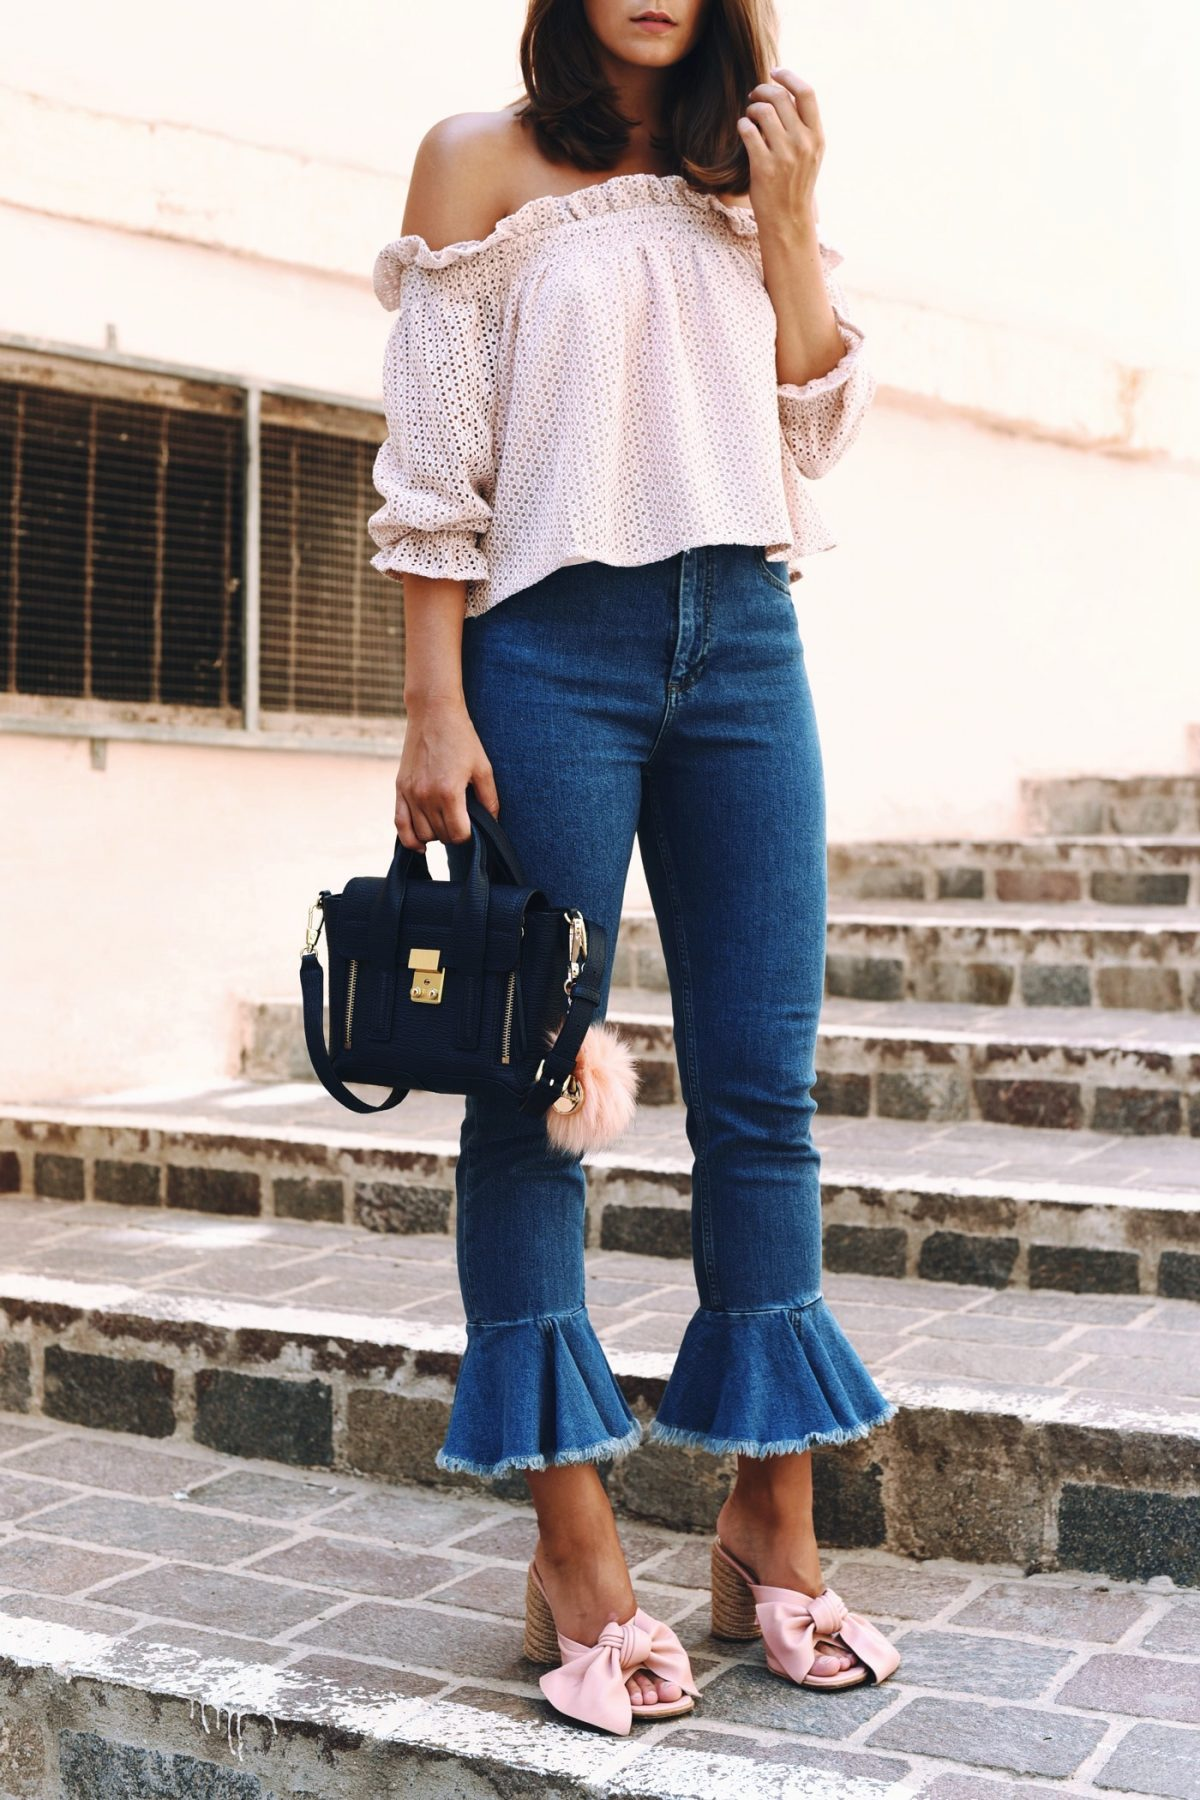 Jeans im Sommer tragen: Die besten Styling-Tipps